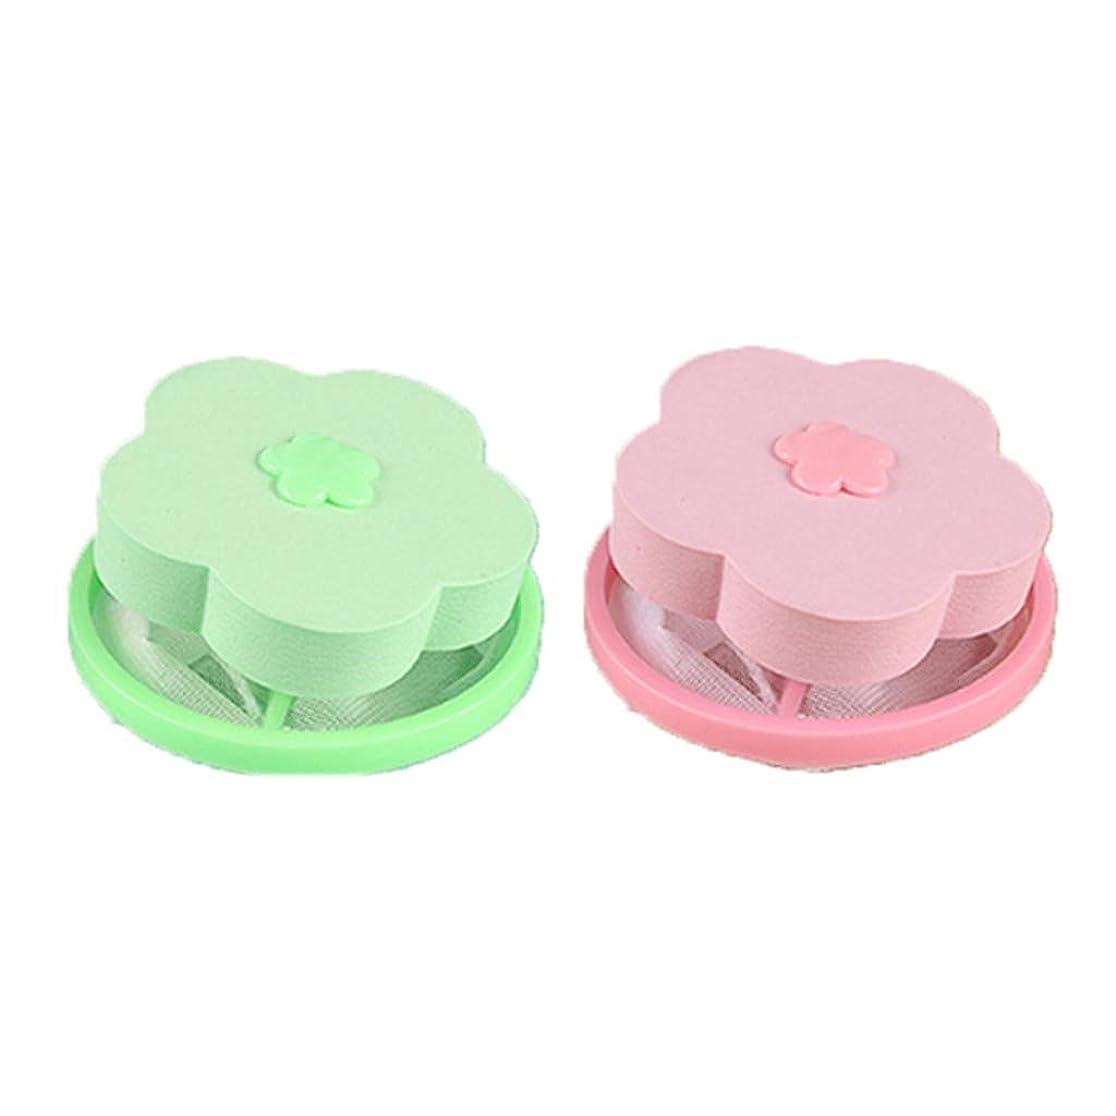 ハンディベテラン鎮静剤WBinplSE フローティングペットファーキャッチャーフィルタリング脱毛器ウールクリーニング用品-2個糸くずフィルターバッグ(ピンク、グリーン)洗濯機に適しています